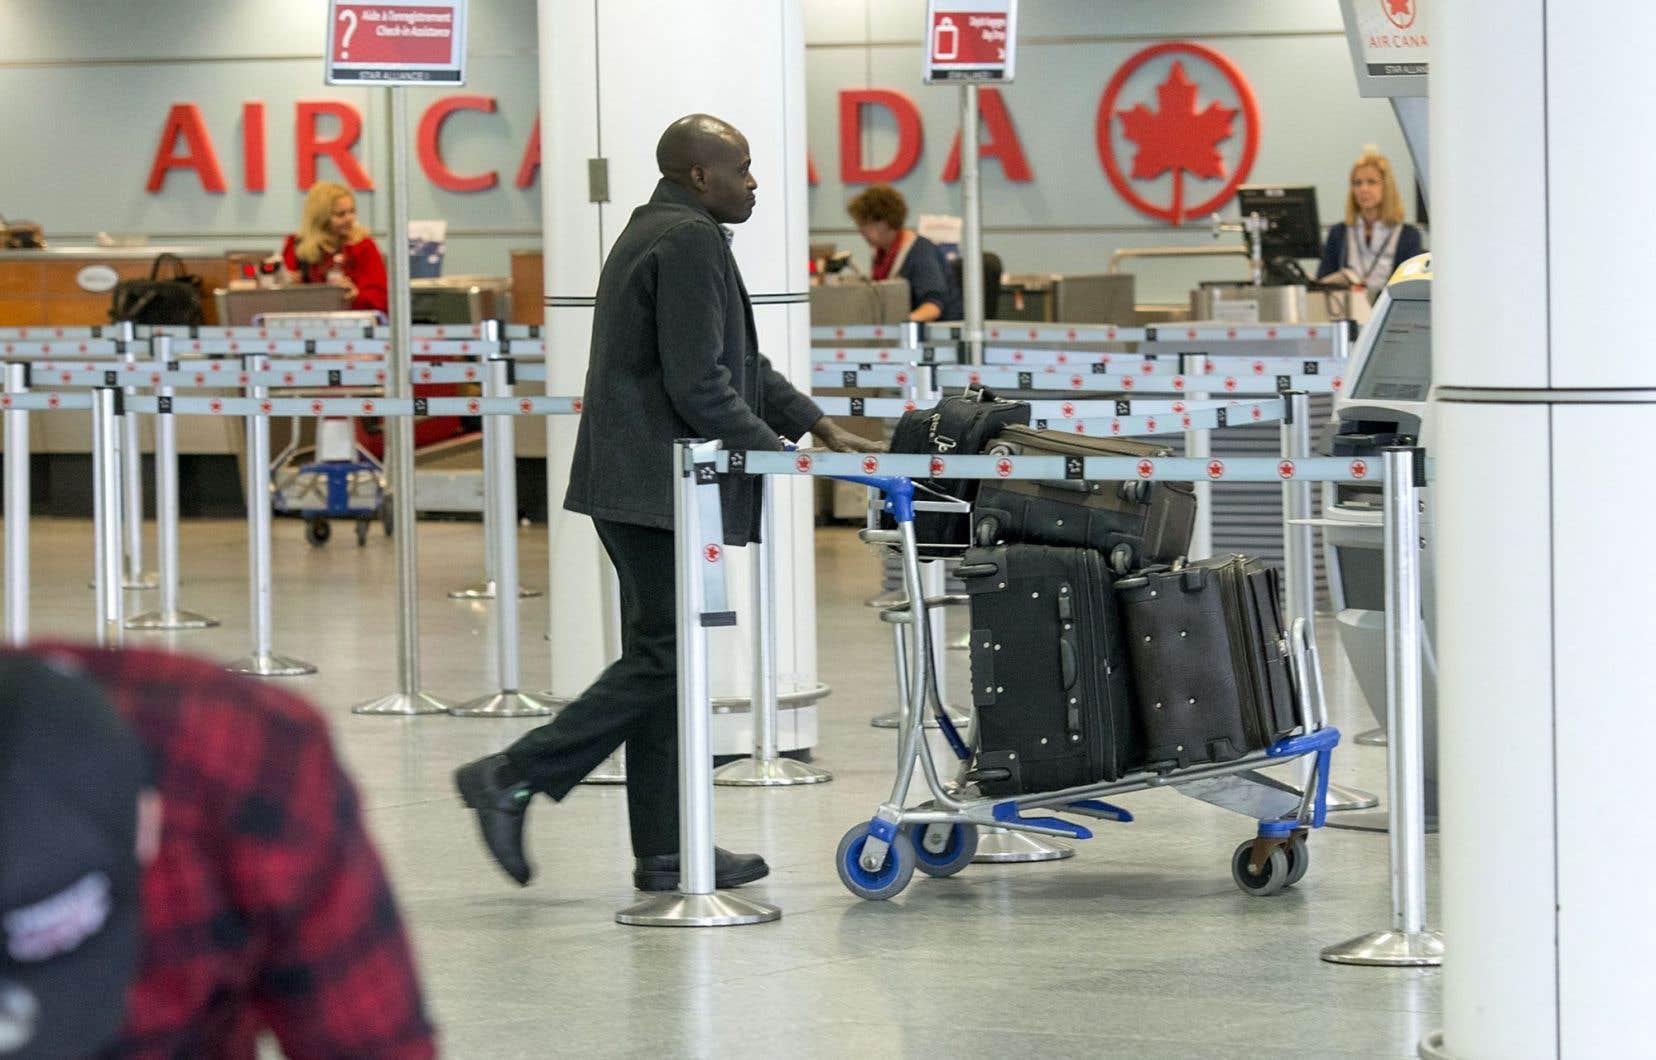 Le nouveau programme de fidélisation permettra aux clients — particulièrement à ceux qui voyagent souvent — d'obtenir et d'échanger des points avec plus de flexibilité, croit le président des lignes aériennes chez Air Canada, Ben Smith.